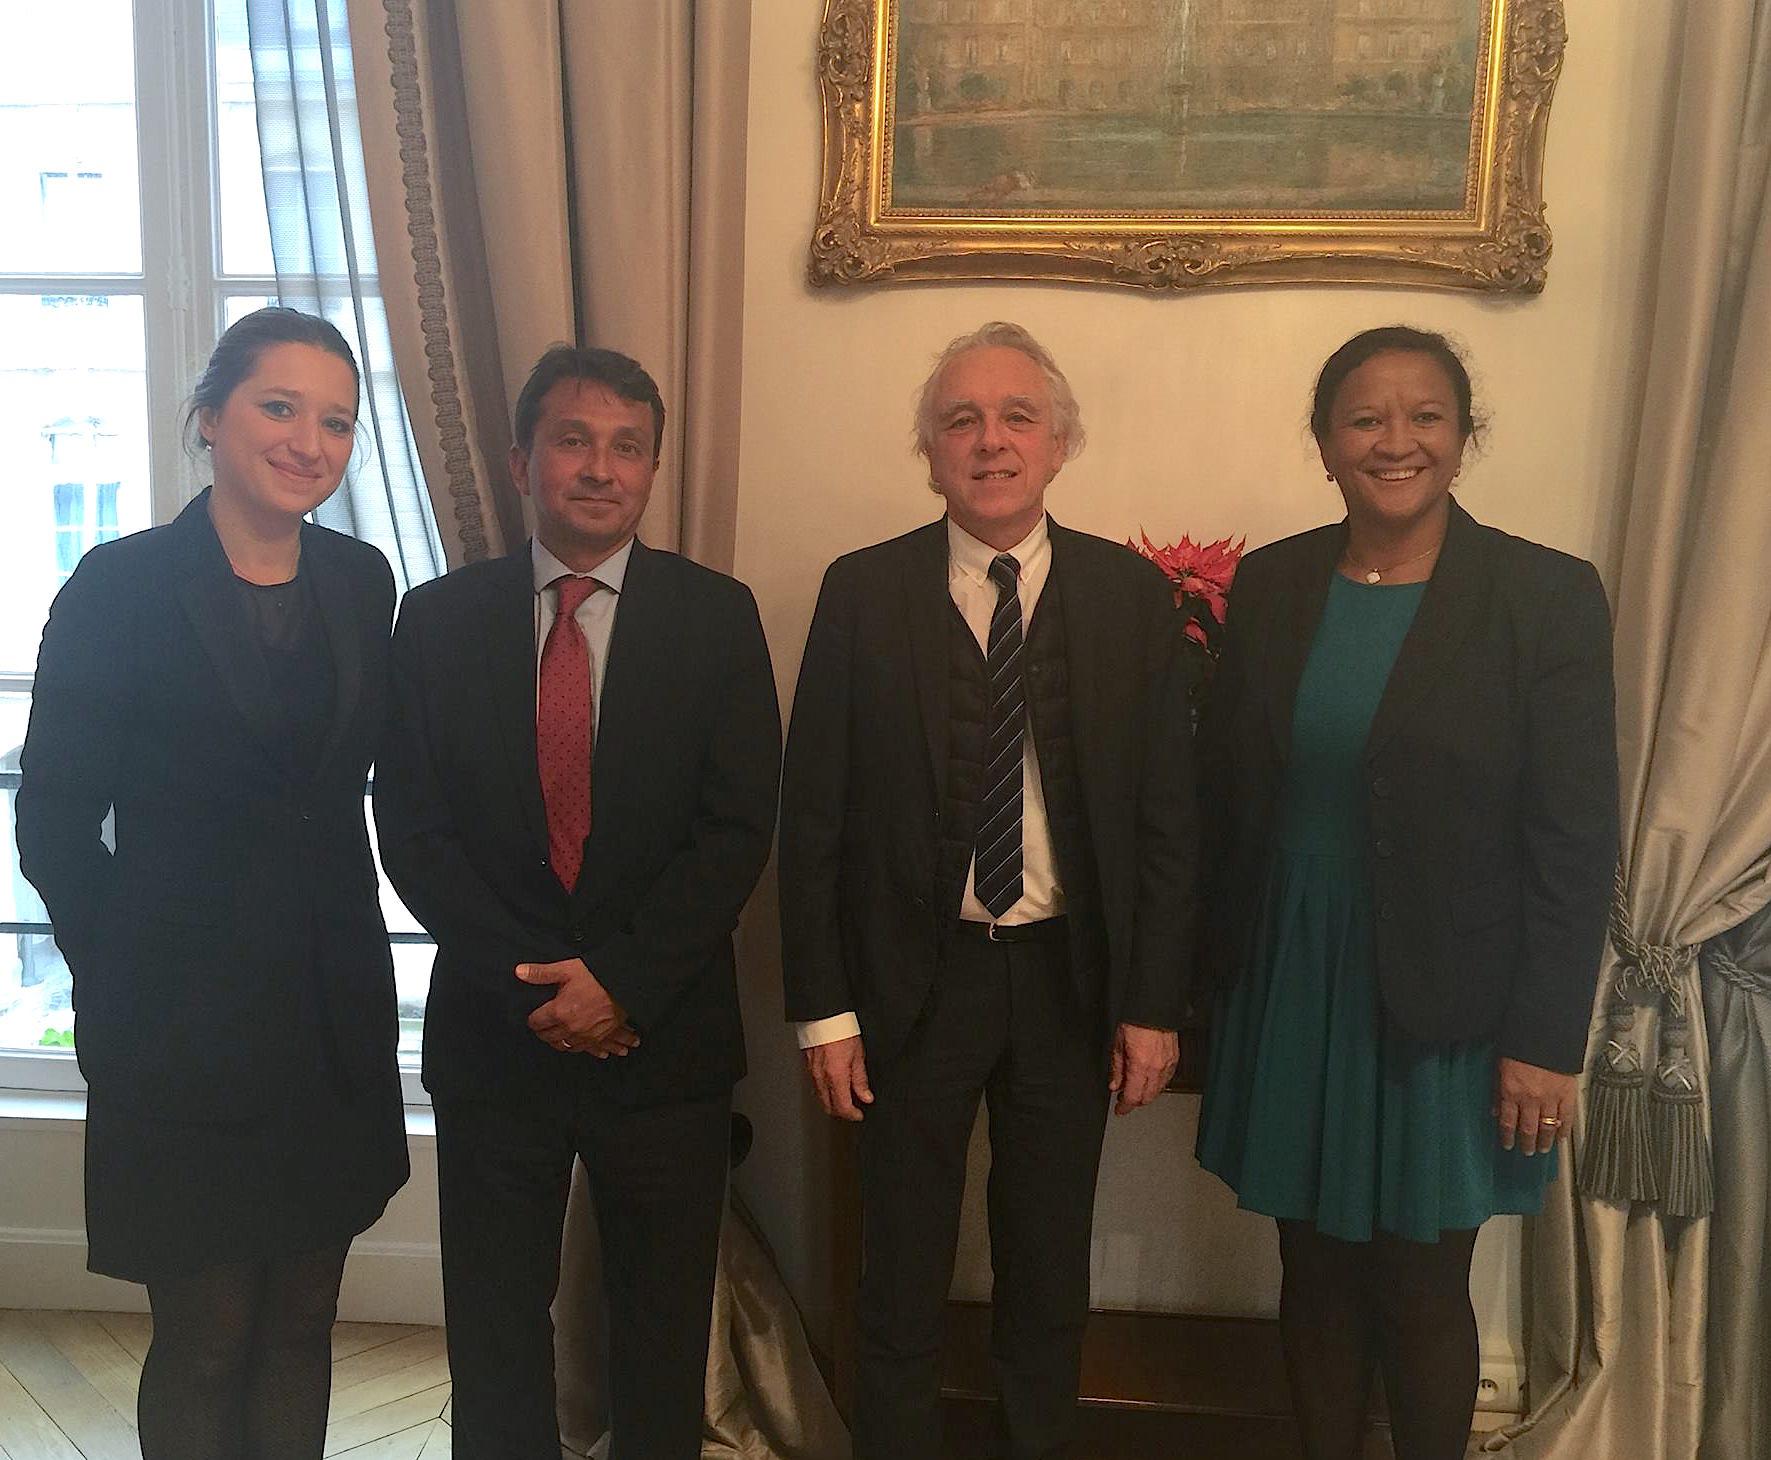 Les sénateurs polynésiens en compagnie de Jacques Chiron, sénateur de l'Isère, président de la Fédération des entreprises publiques locales (FEPL).